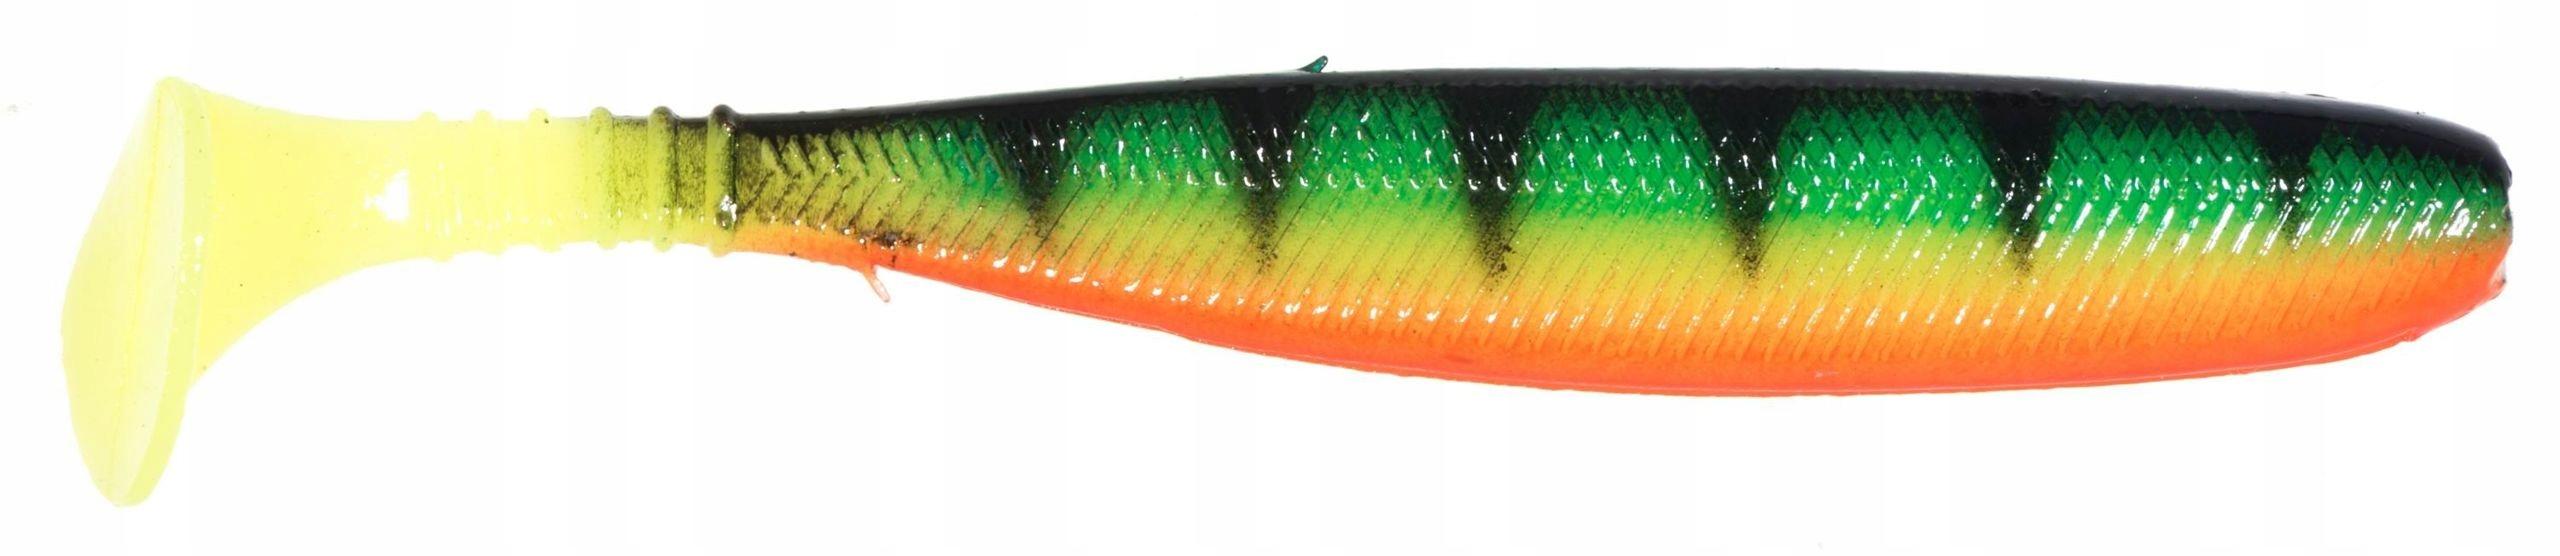 Guma Jaxon Intensa TG-INB 10,0cm, Kolor: D